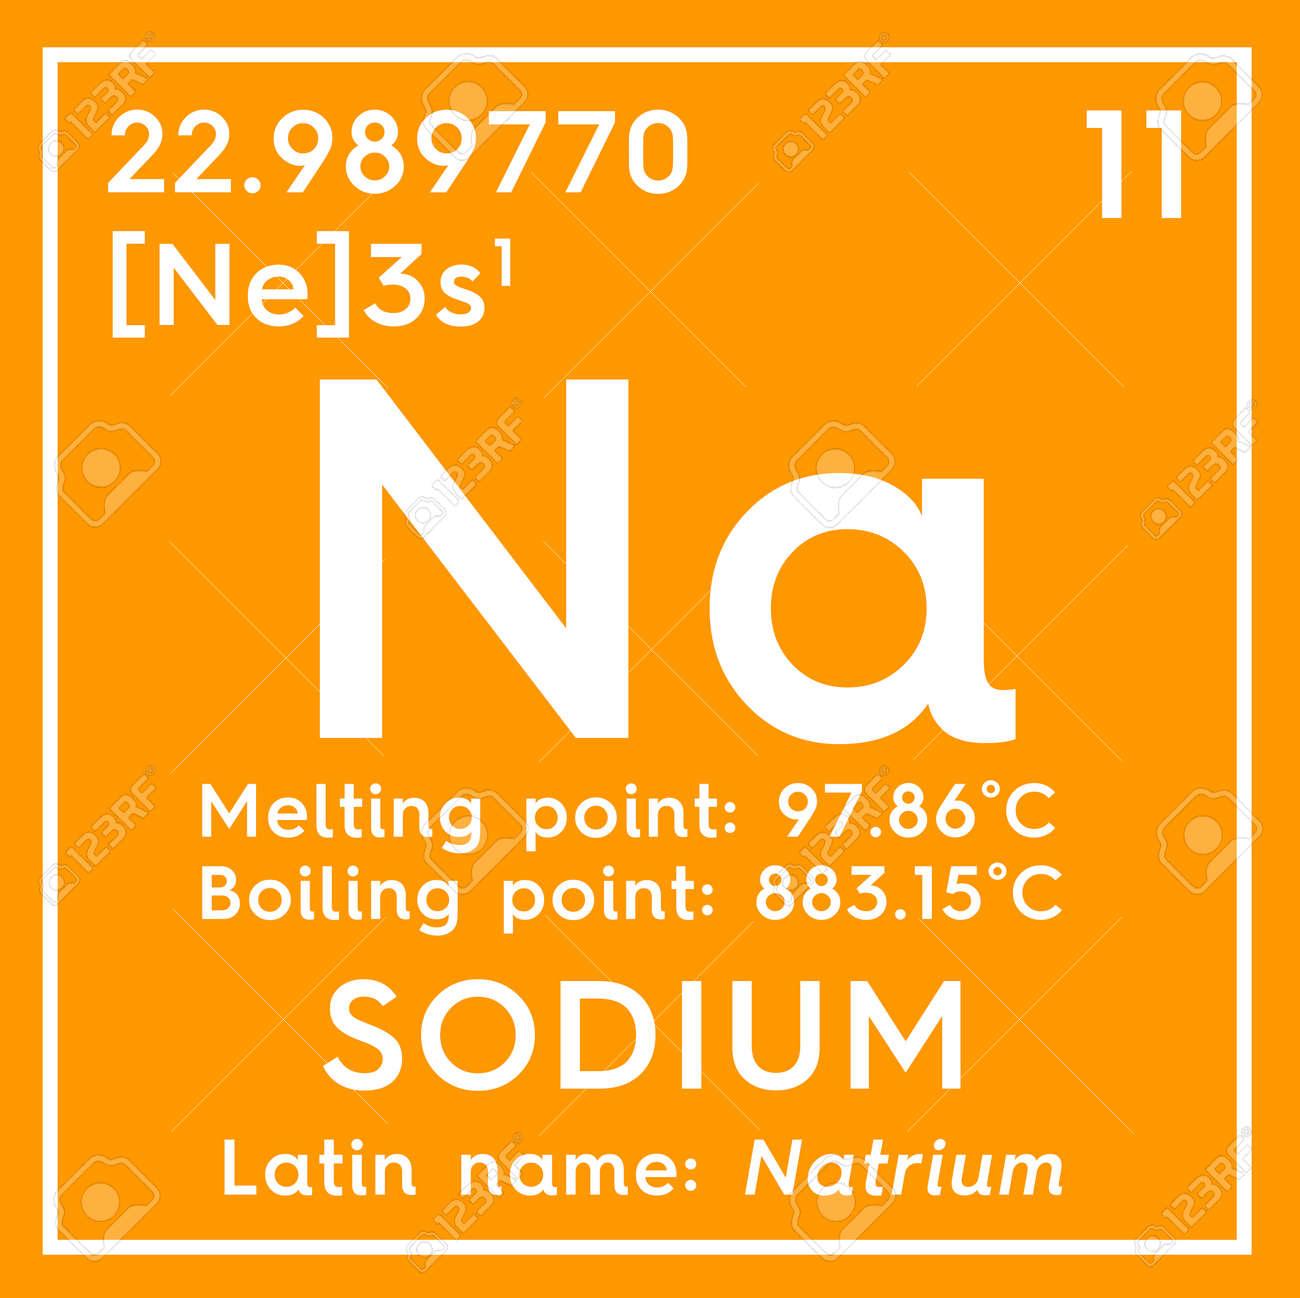 foto de archivo sodio natrium metales alcalinos elemento qumico de la tabla peridica de mendeleev sodio en un cubo cuadrado concepto creativo - Metales Alcalinos Tabla Periodica Definicion